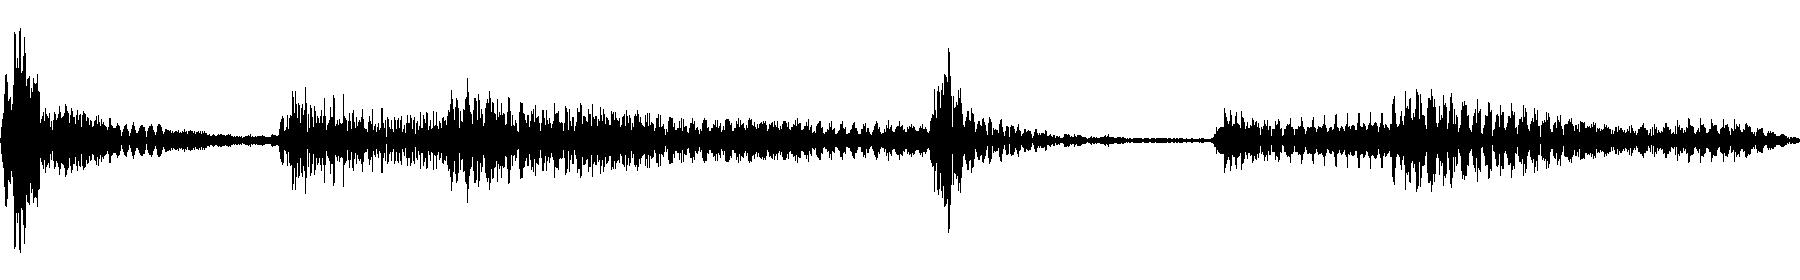 125 guitar riff d